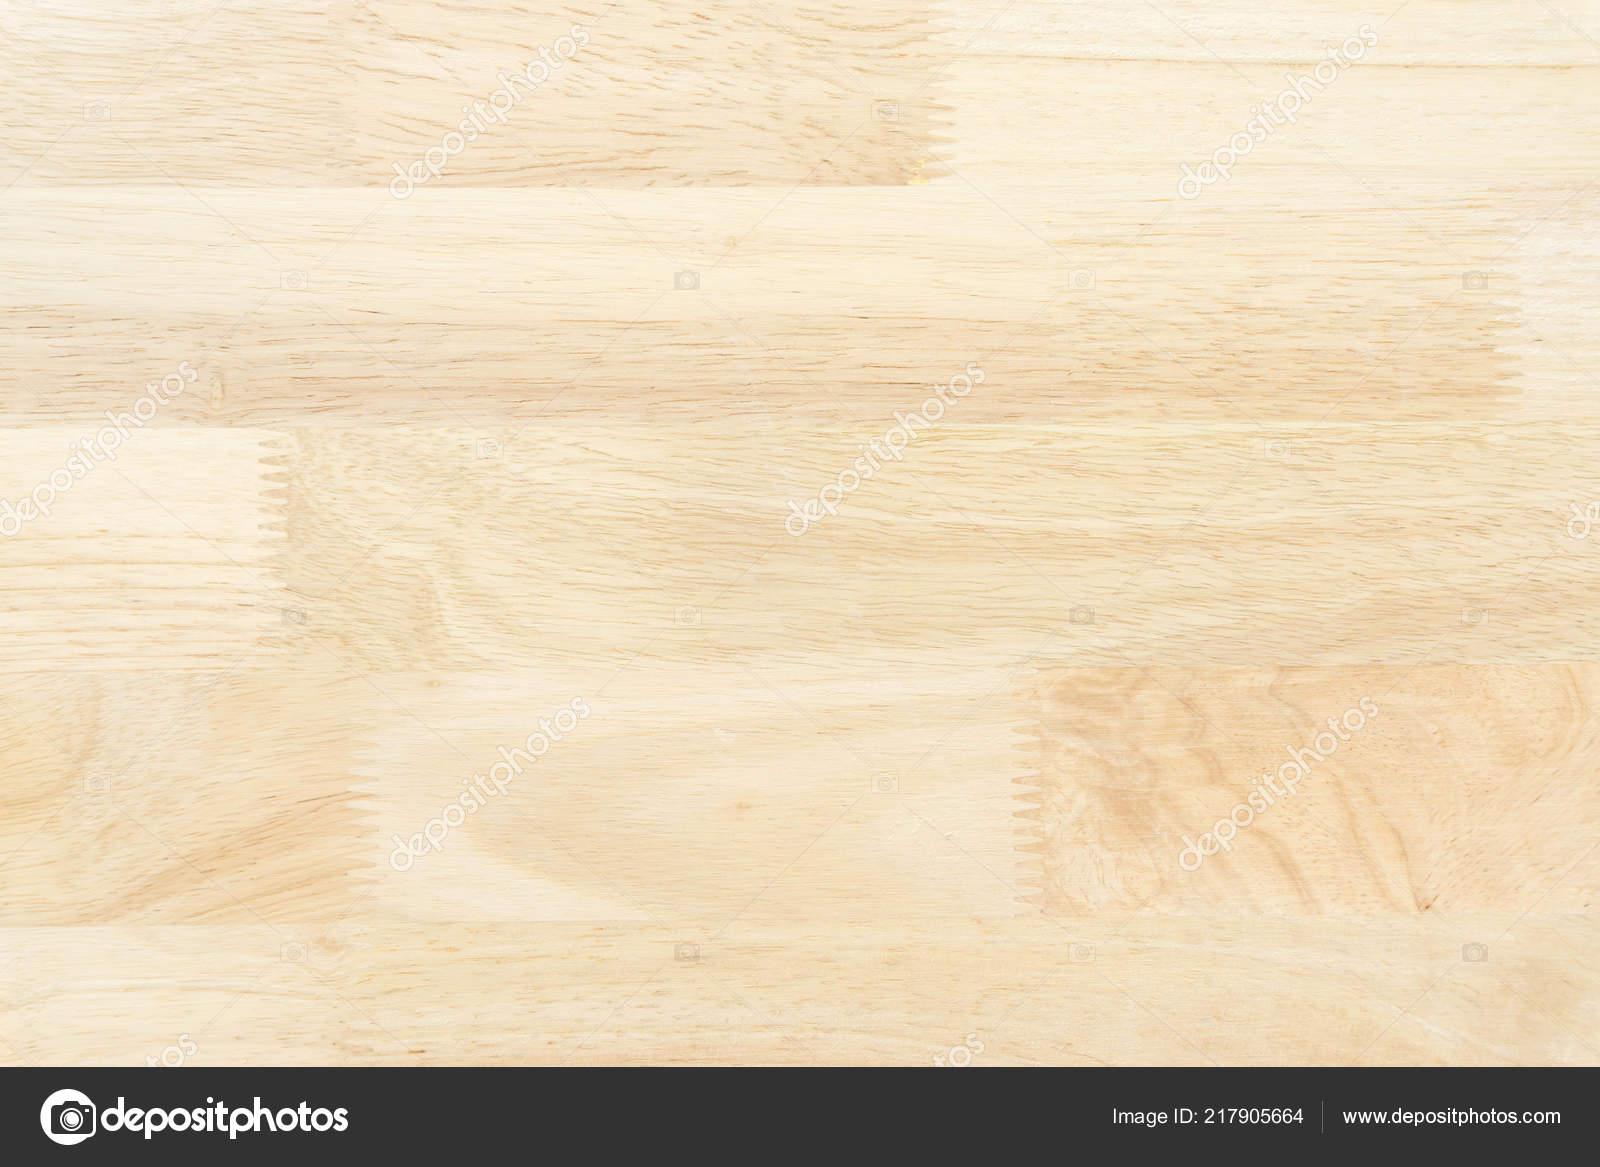 クローズ アップ木材の背景のテクスチャ ウッド ビンテージ壁紙の素材